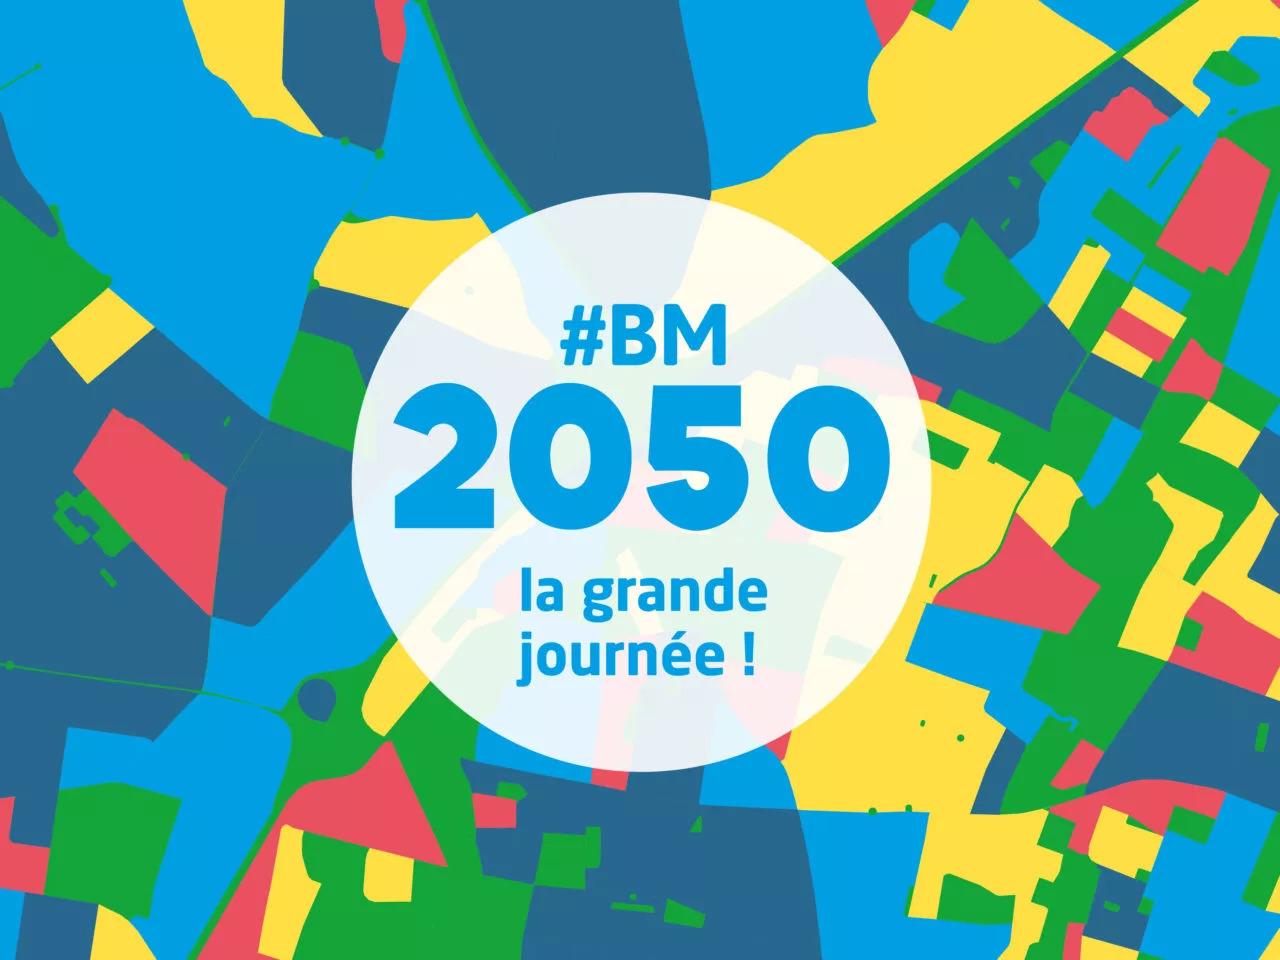 BM 2050 La grande journée.jpg